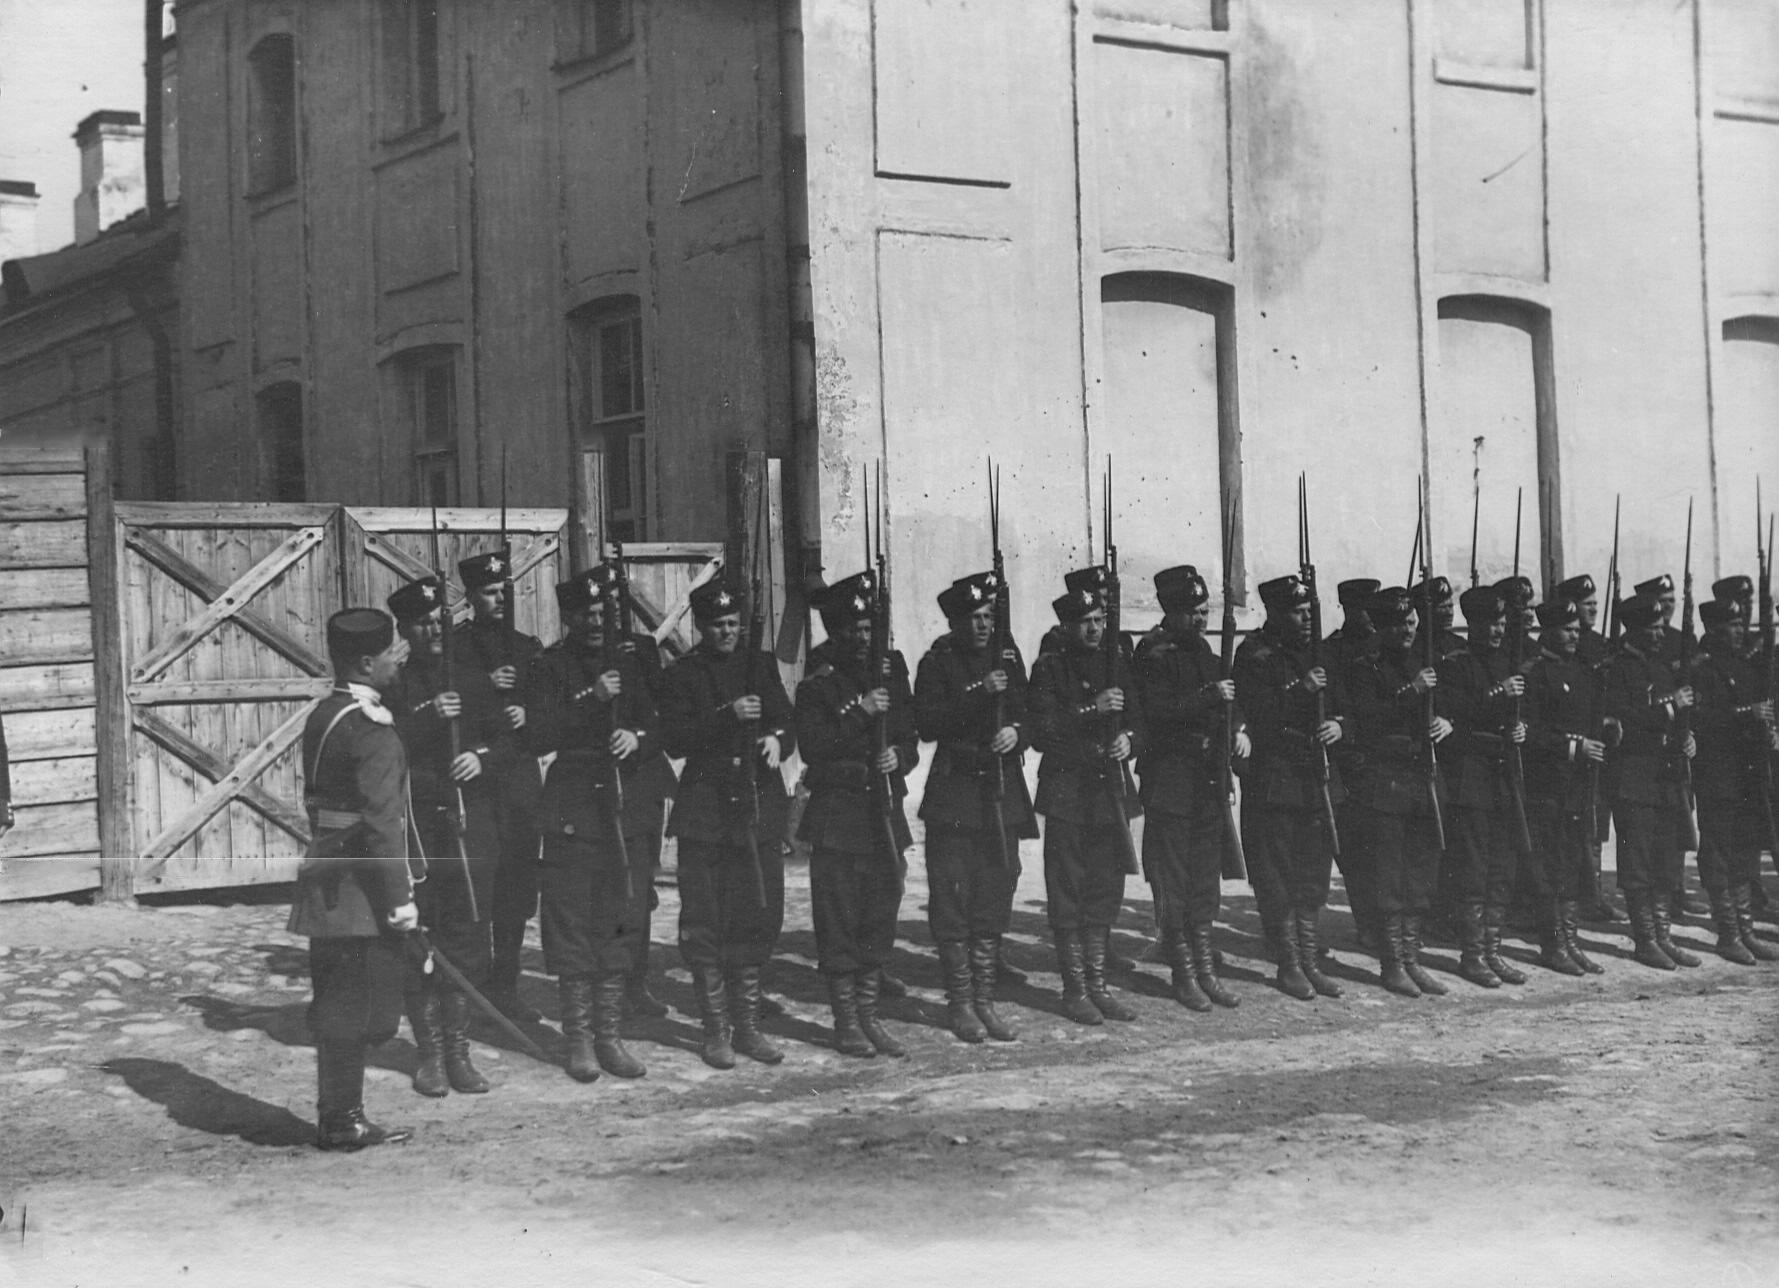 Солдаты 2-го стрелкового Царскосельского батальона в строю на Фуражной улице, около Орловских ворот. 21 апреля 1905